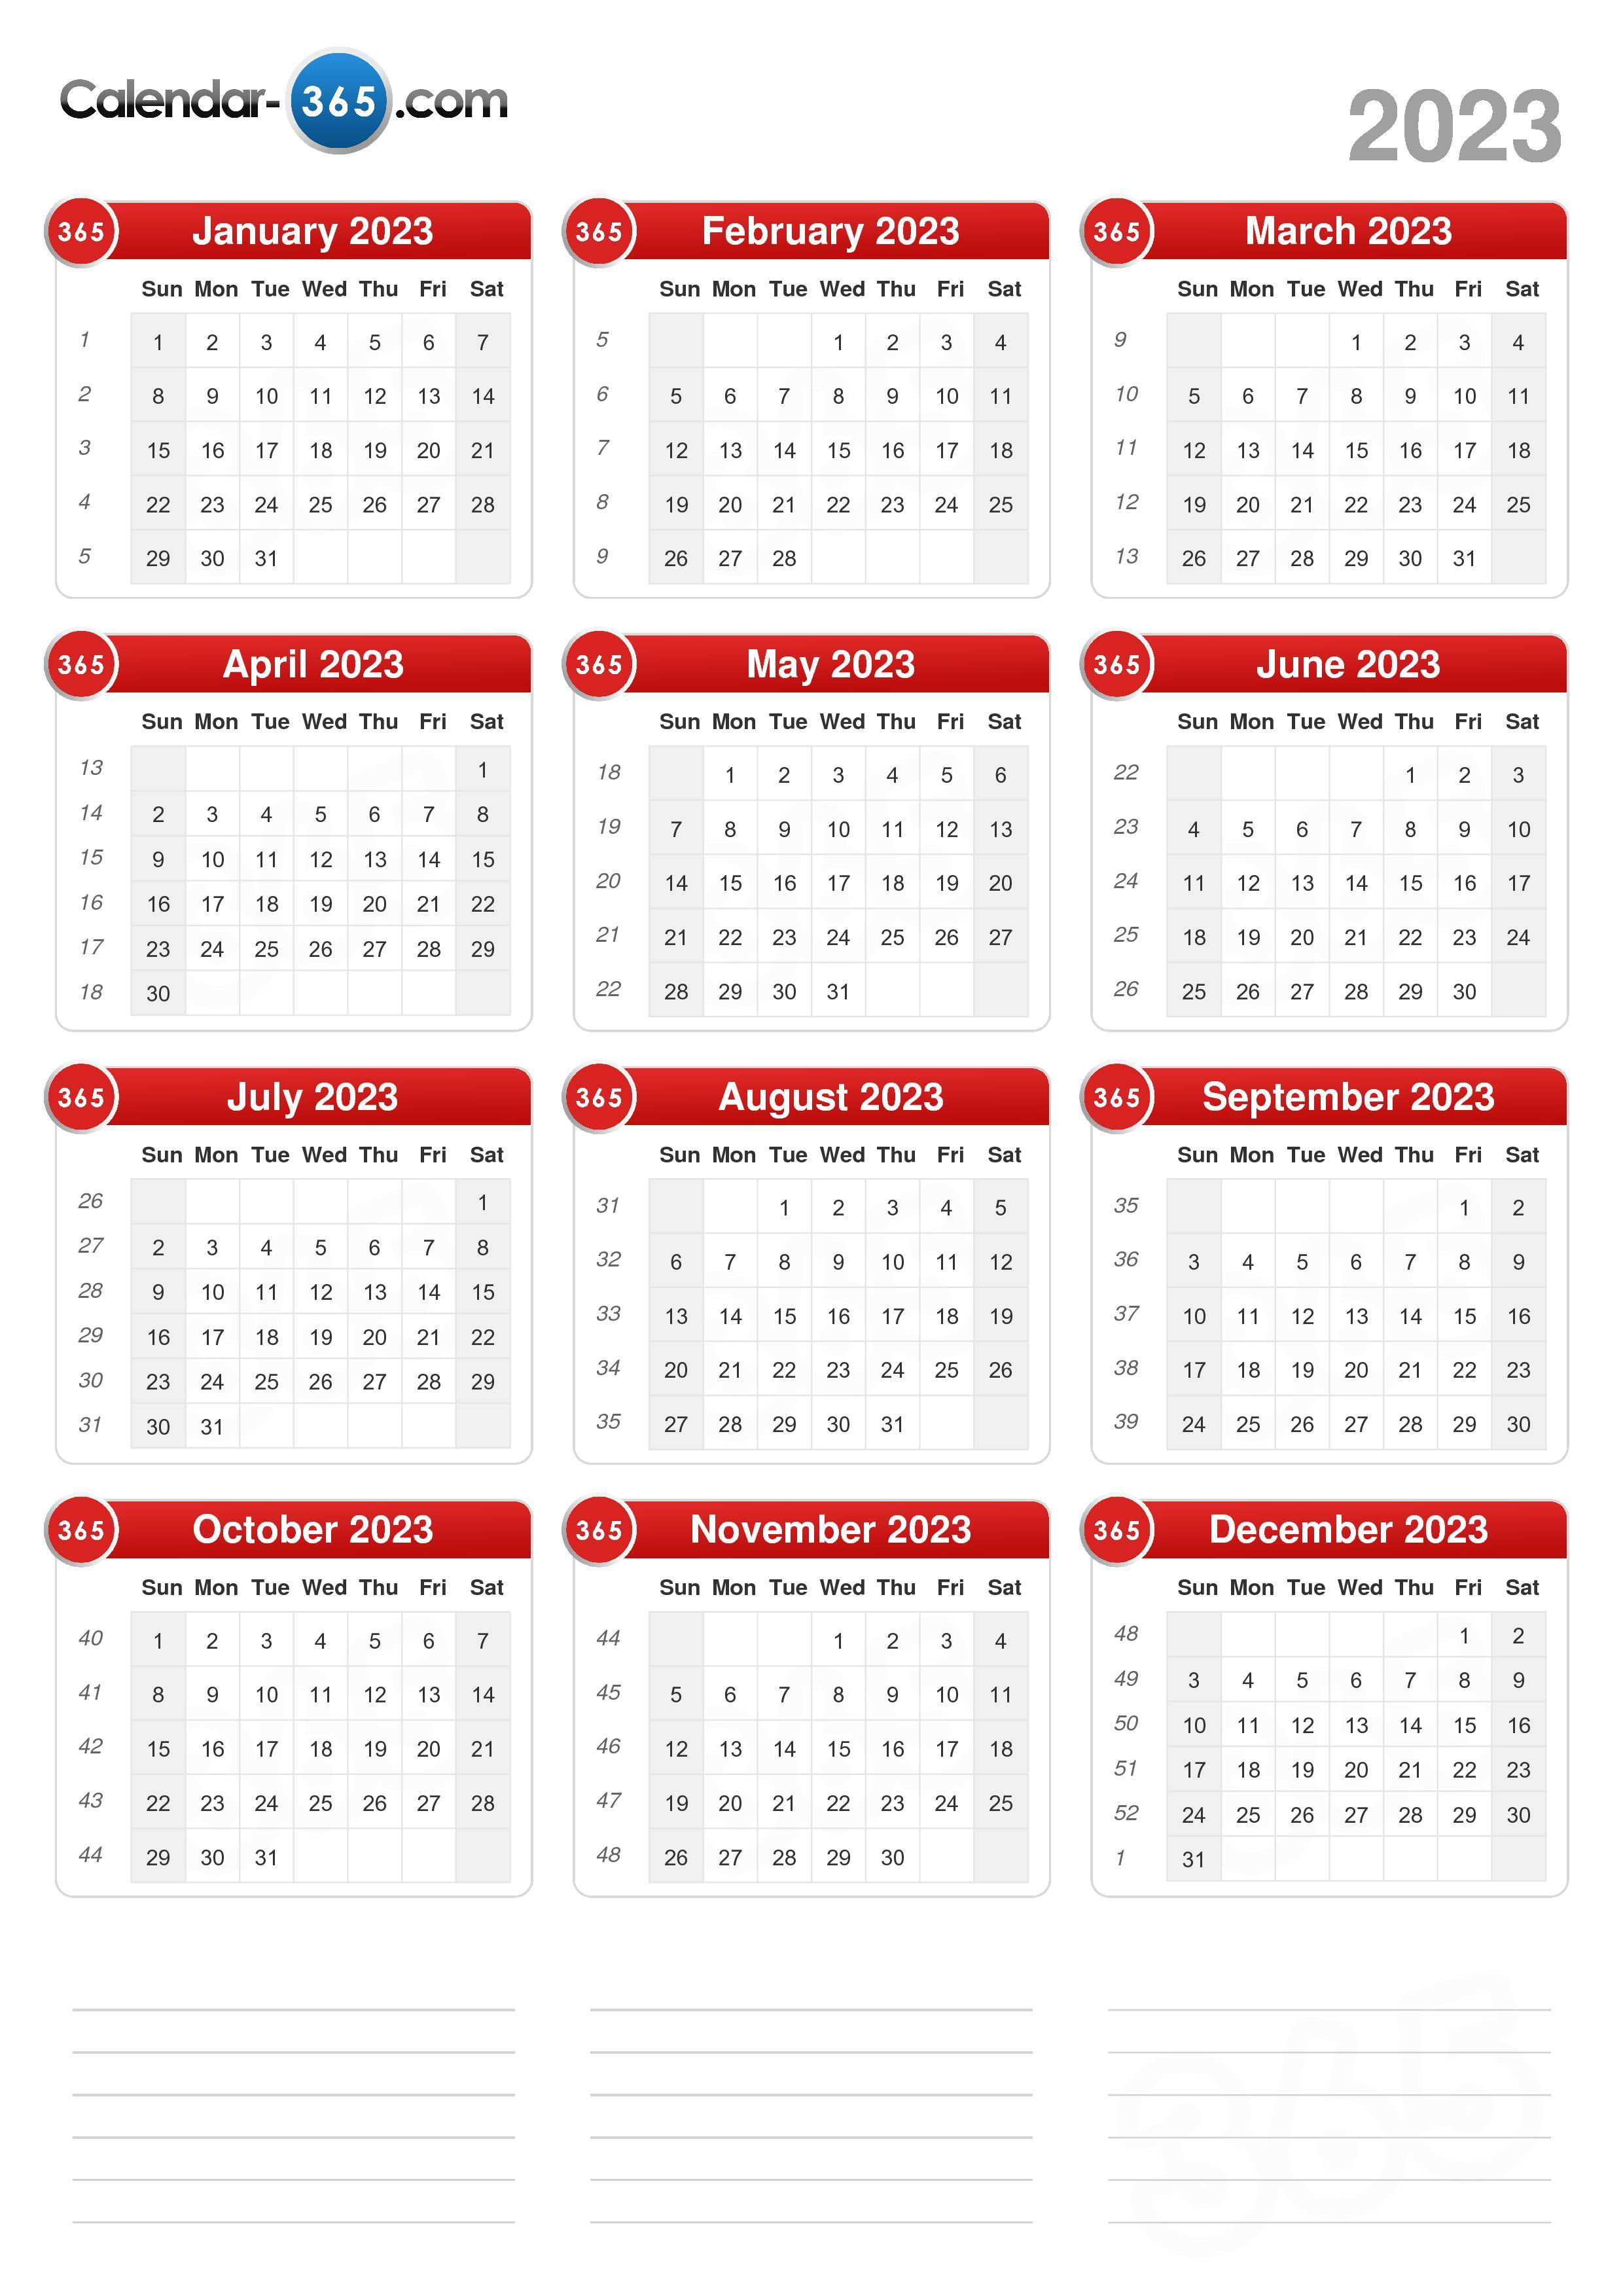 Yale Calendar 2022 2023.2023 Calendar